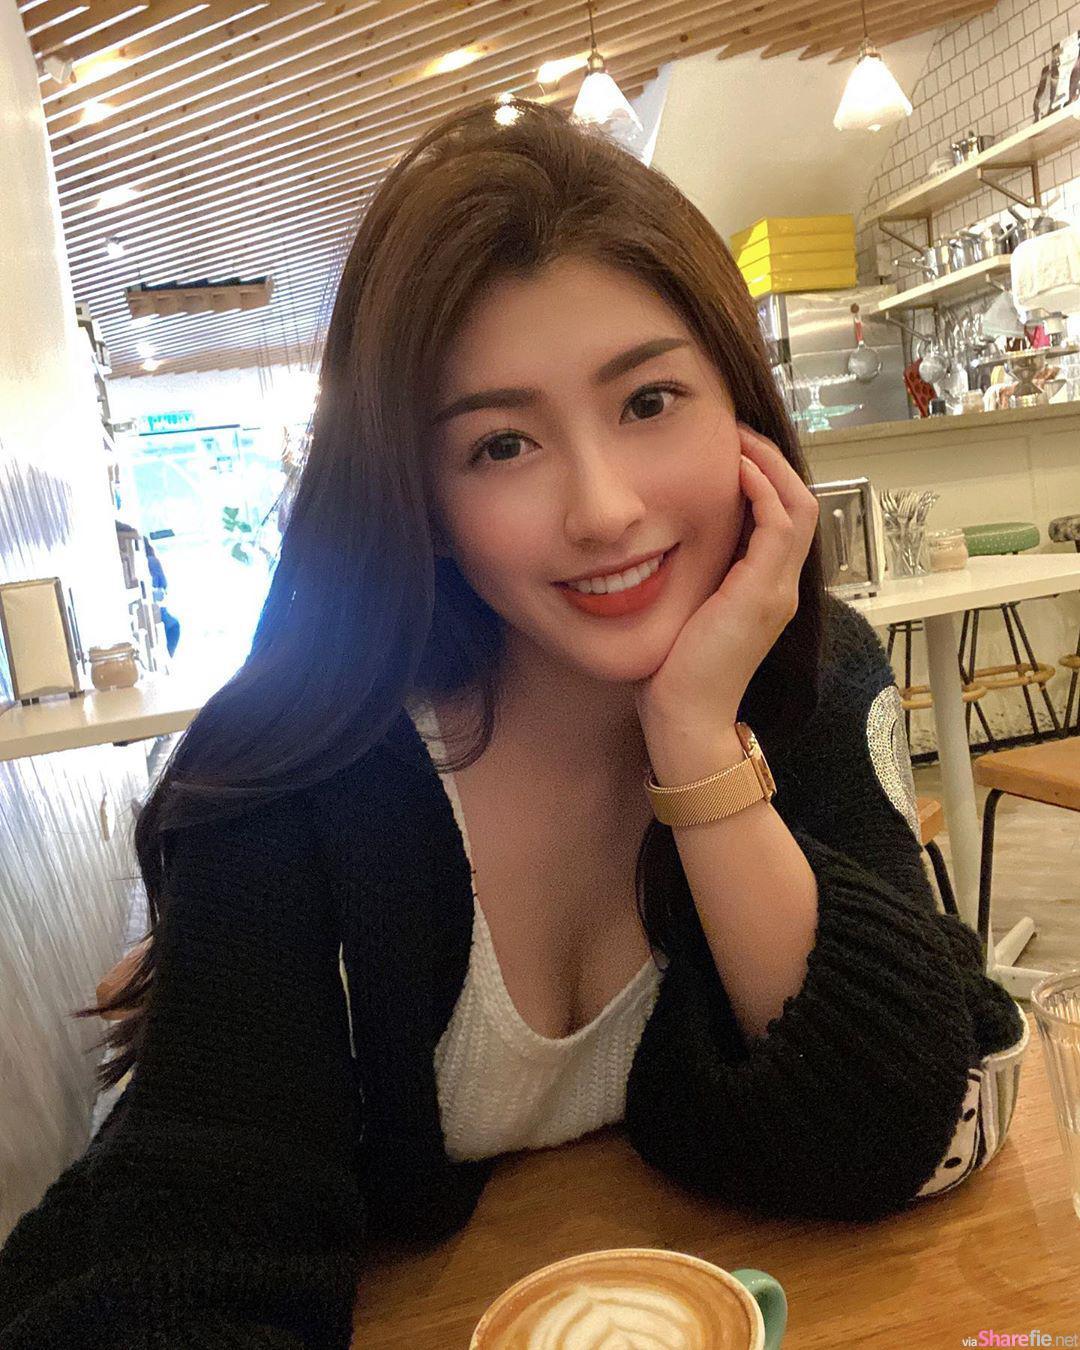 大马正妹Xian,网友:变到酱美